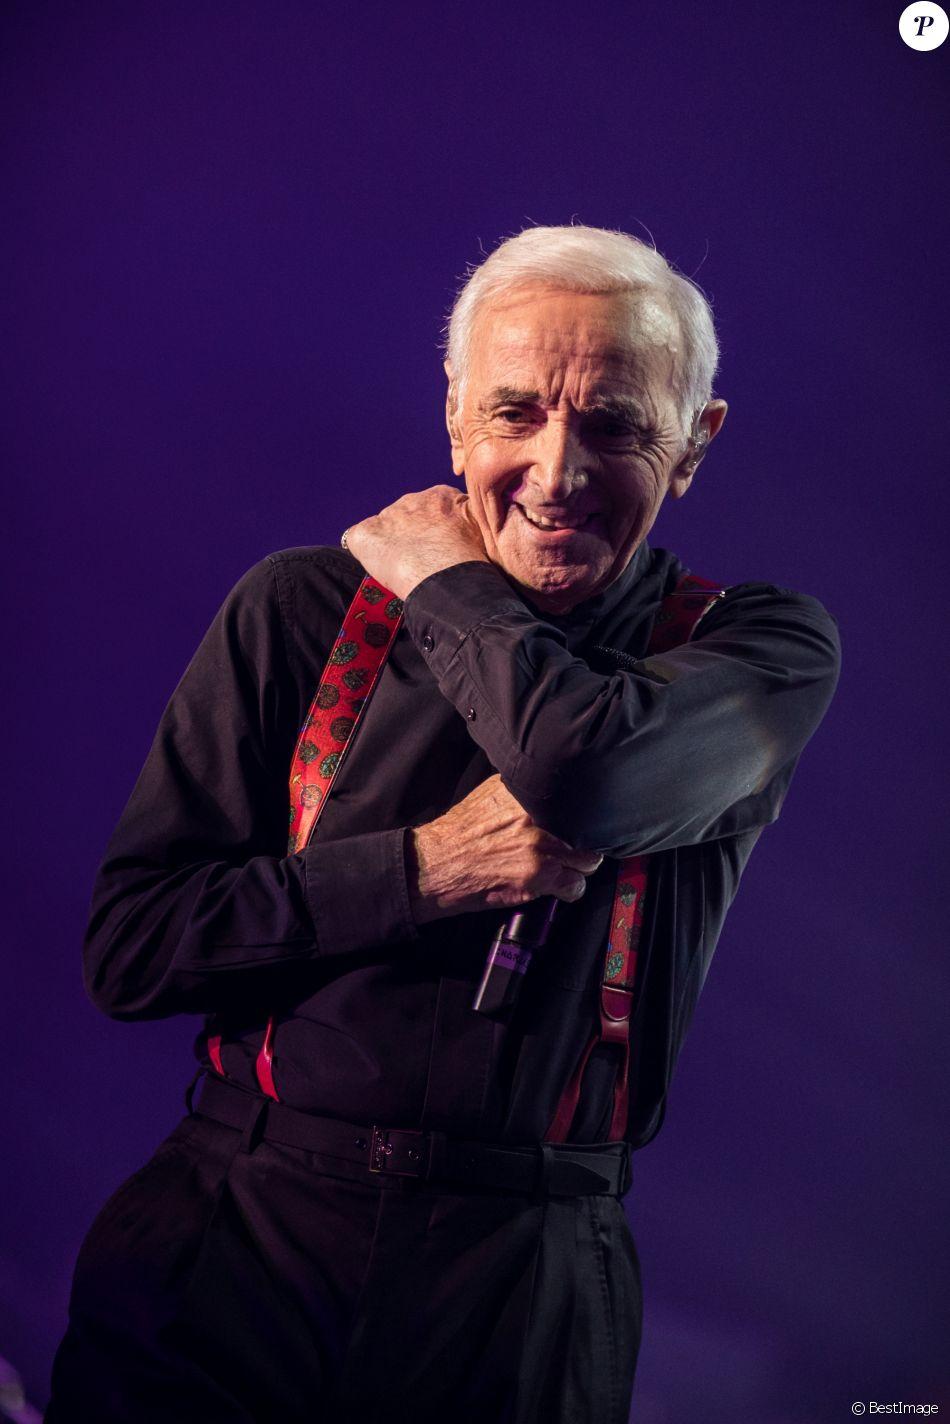 Exclusif - Charles Aznavour en concert à l'Accorhotels Arena à Paris. Le 13 décembre 2017 © Cyril Moreau / Bestimage